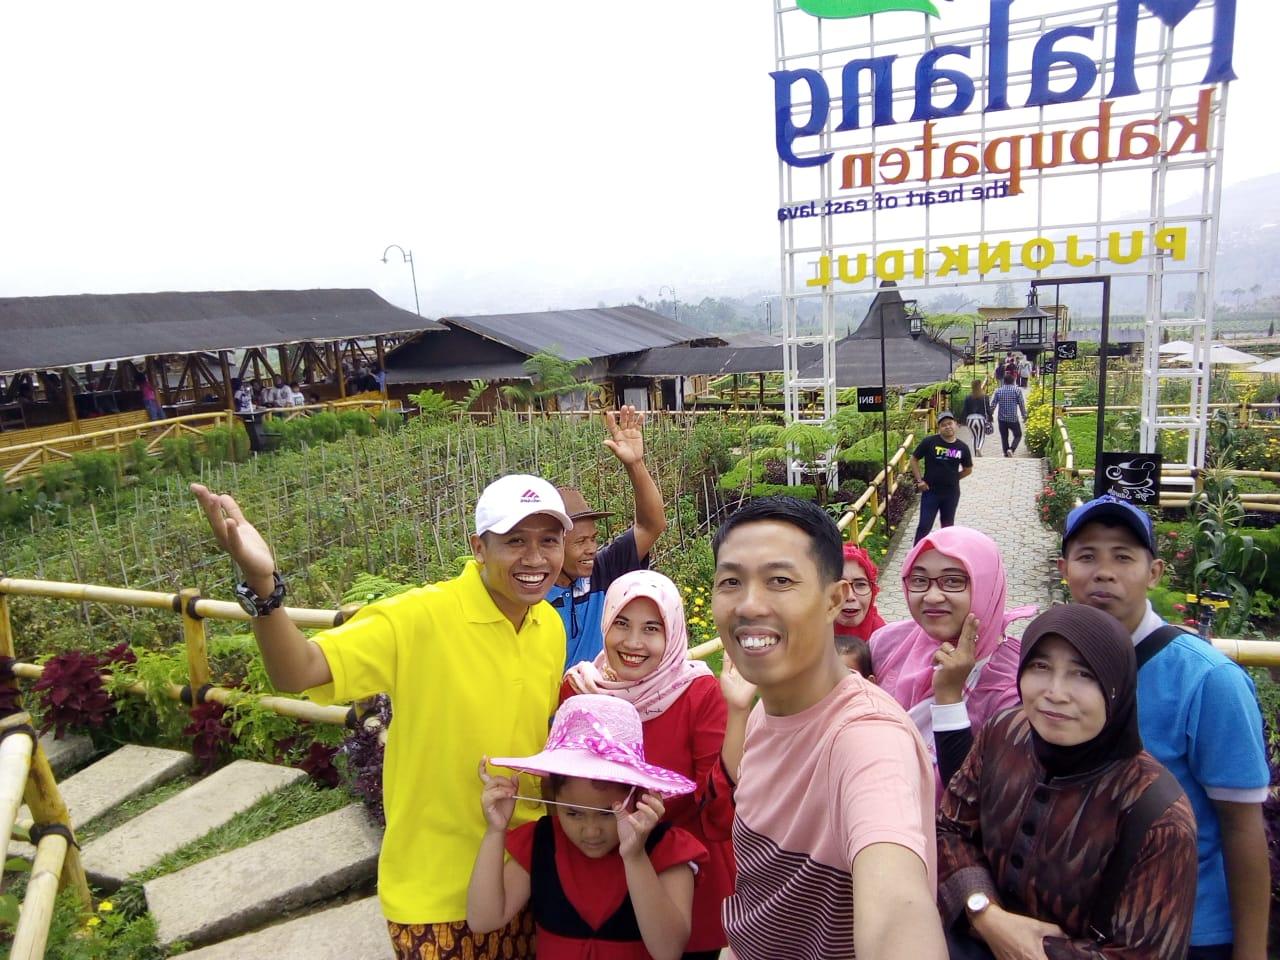 Liburan Seru Ke Cafe Sawah Di Wisata Desa Pujon Kidul Kabupaten Malang The Jombang Taste